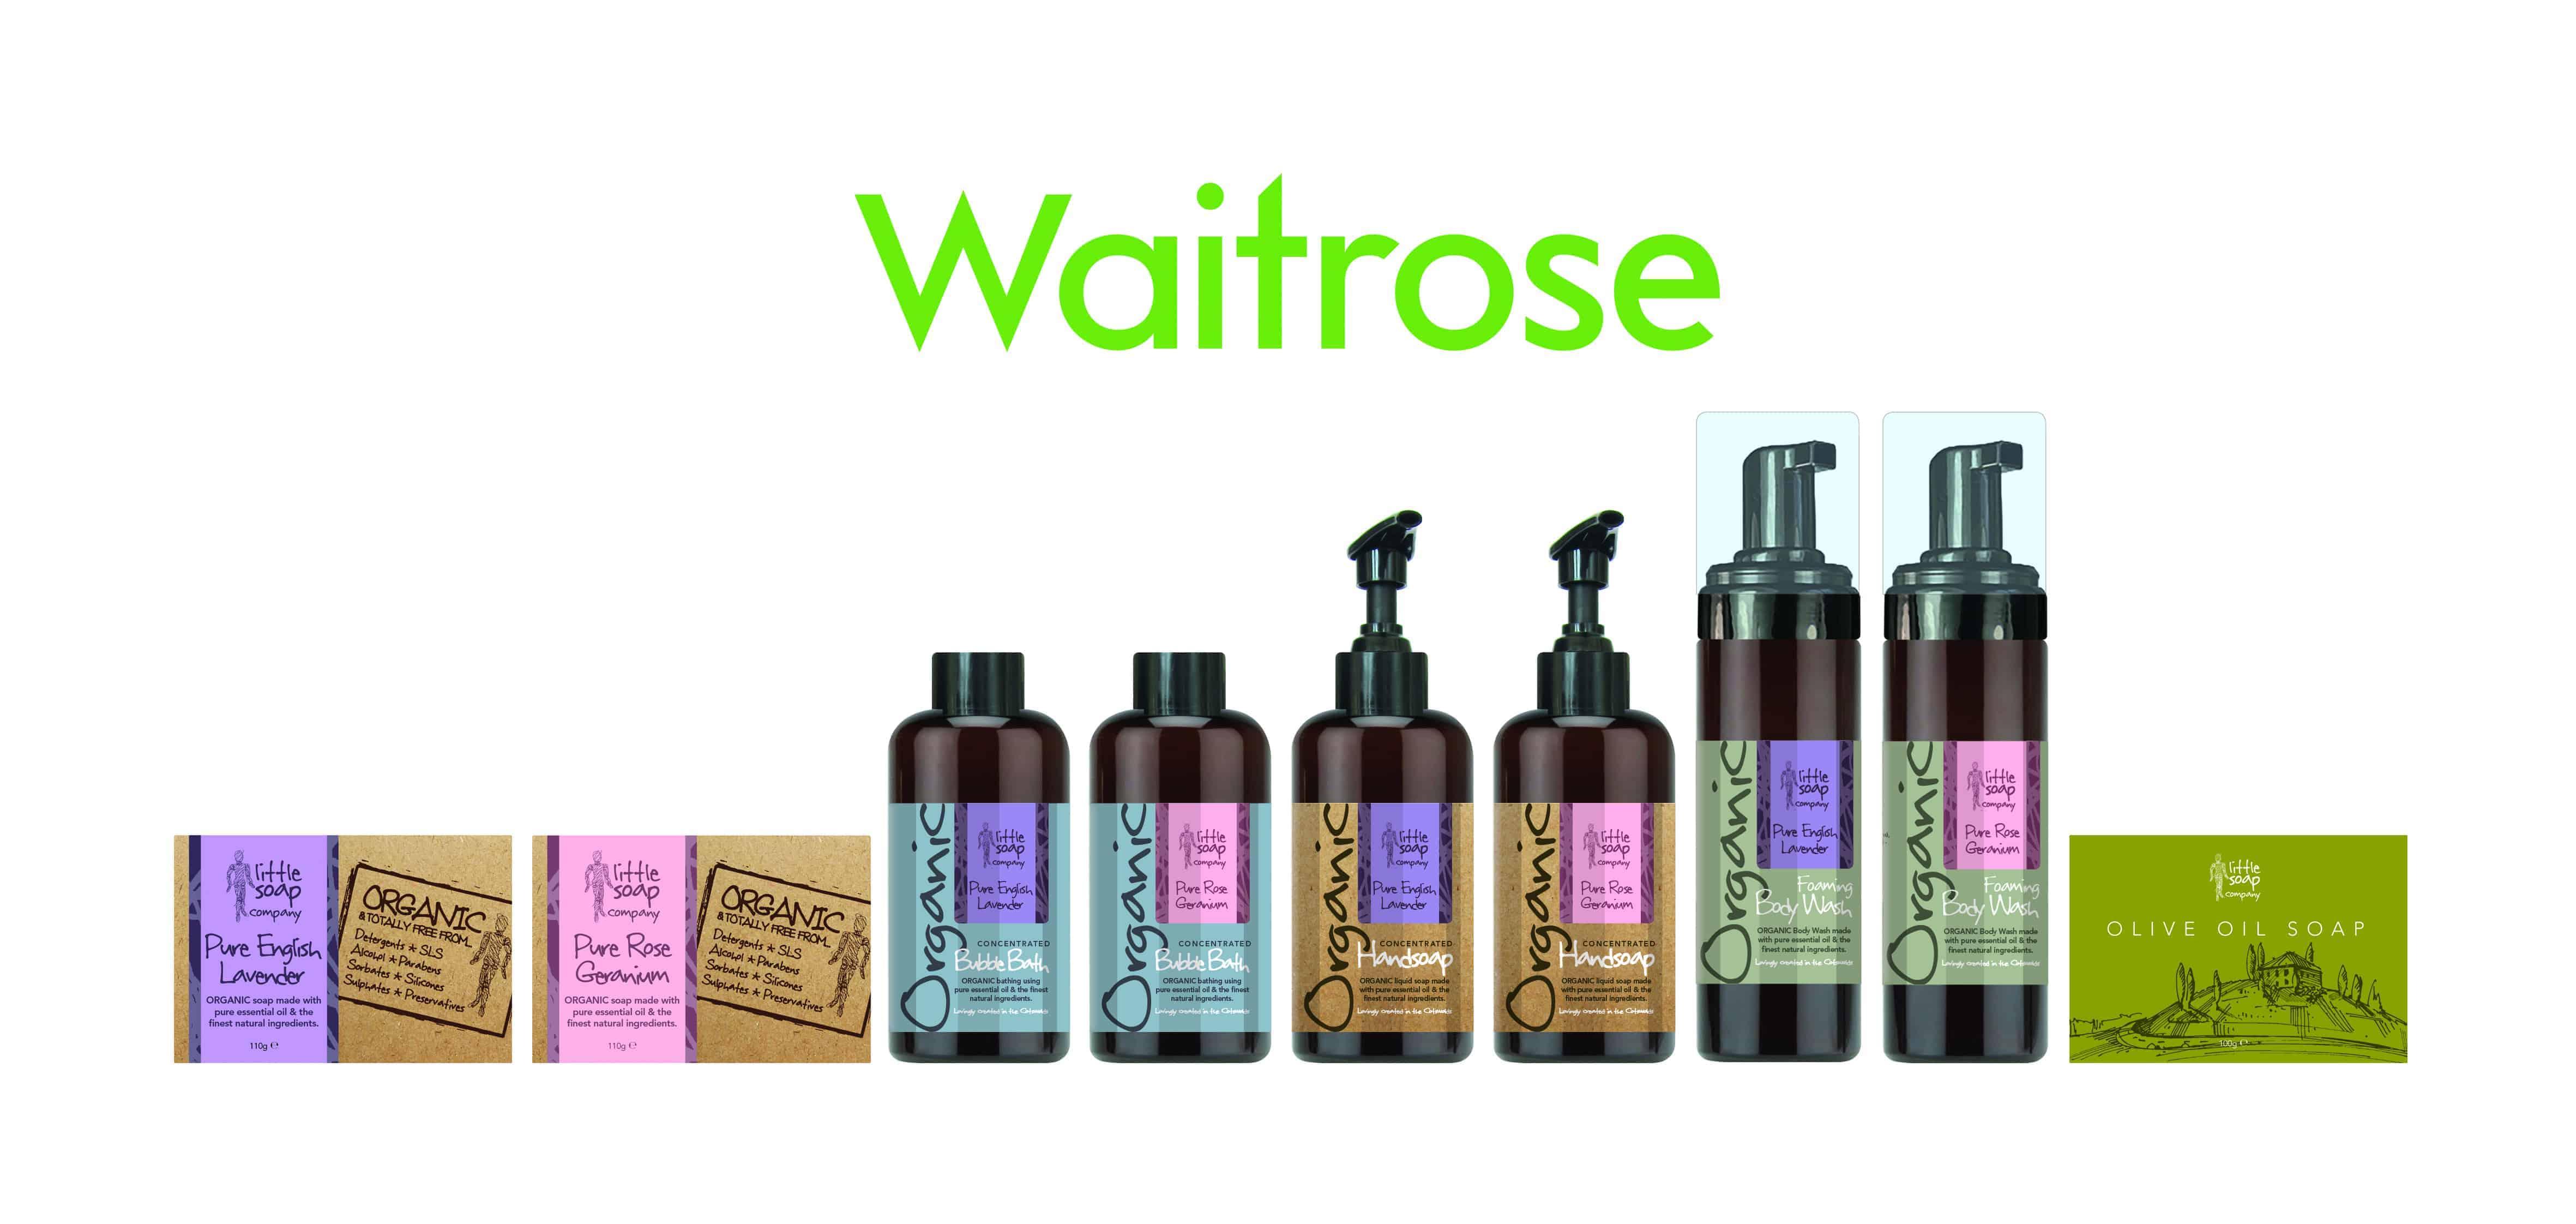 Waitroseproduct range*